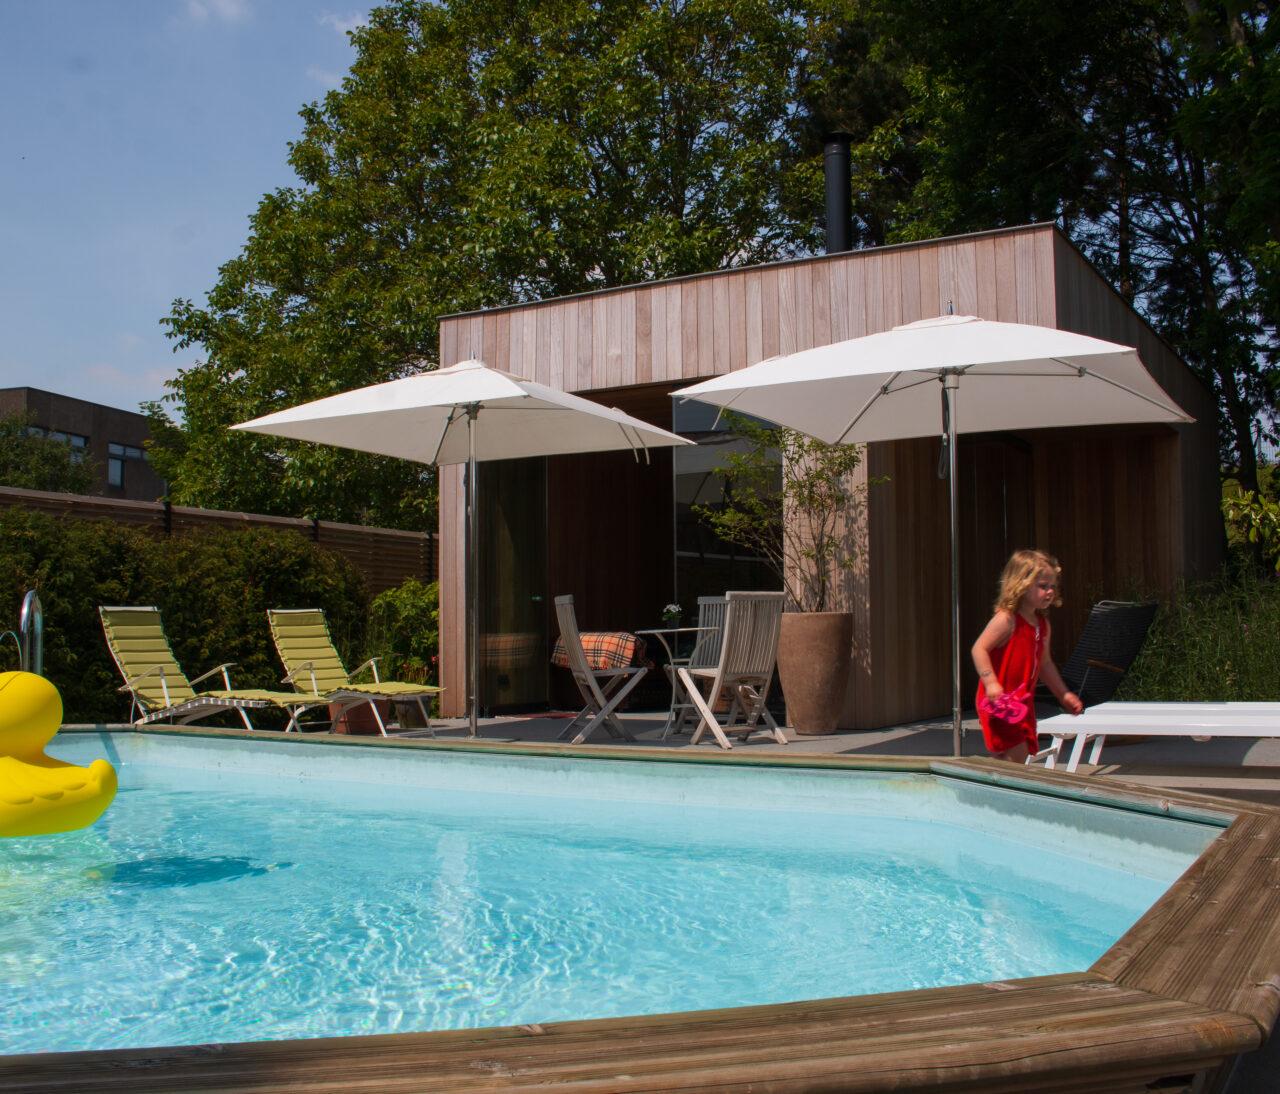 een poolhouse of tuinhuis bij een houten zwembad met kindje